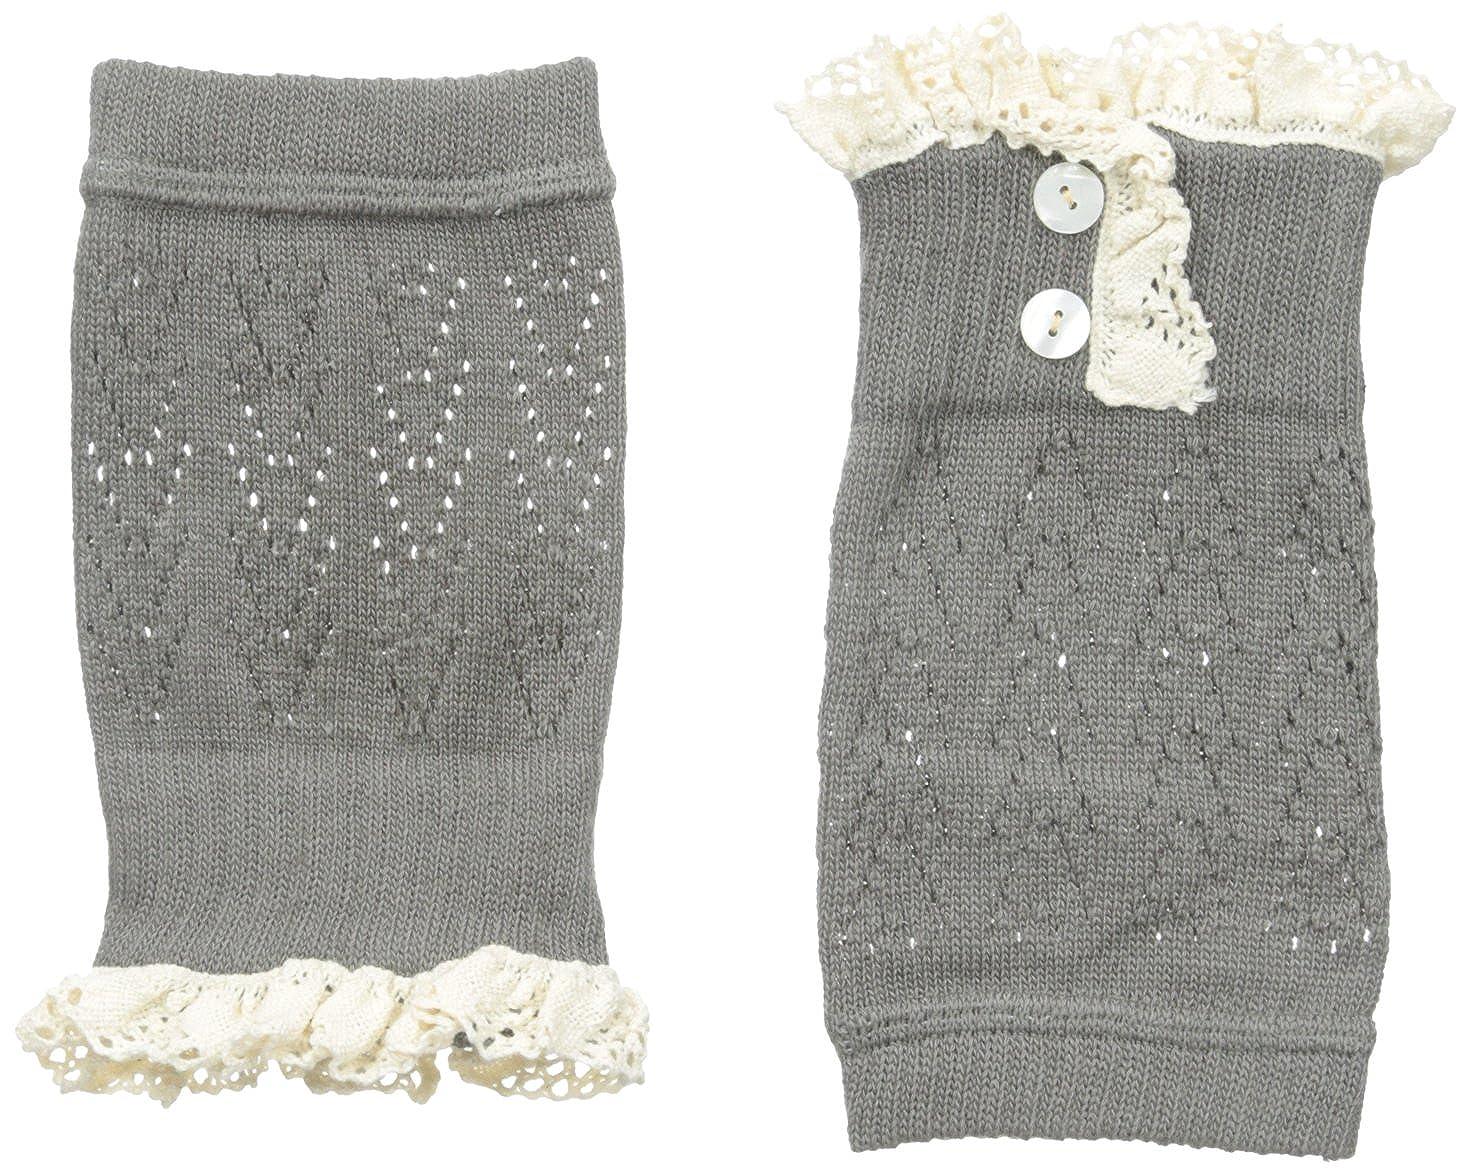 La De Da Womens Ladeda Lace Button Boot Cuff Topper